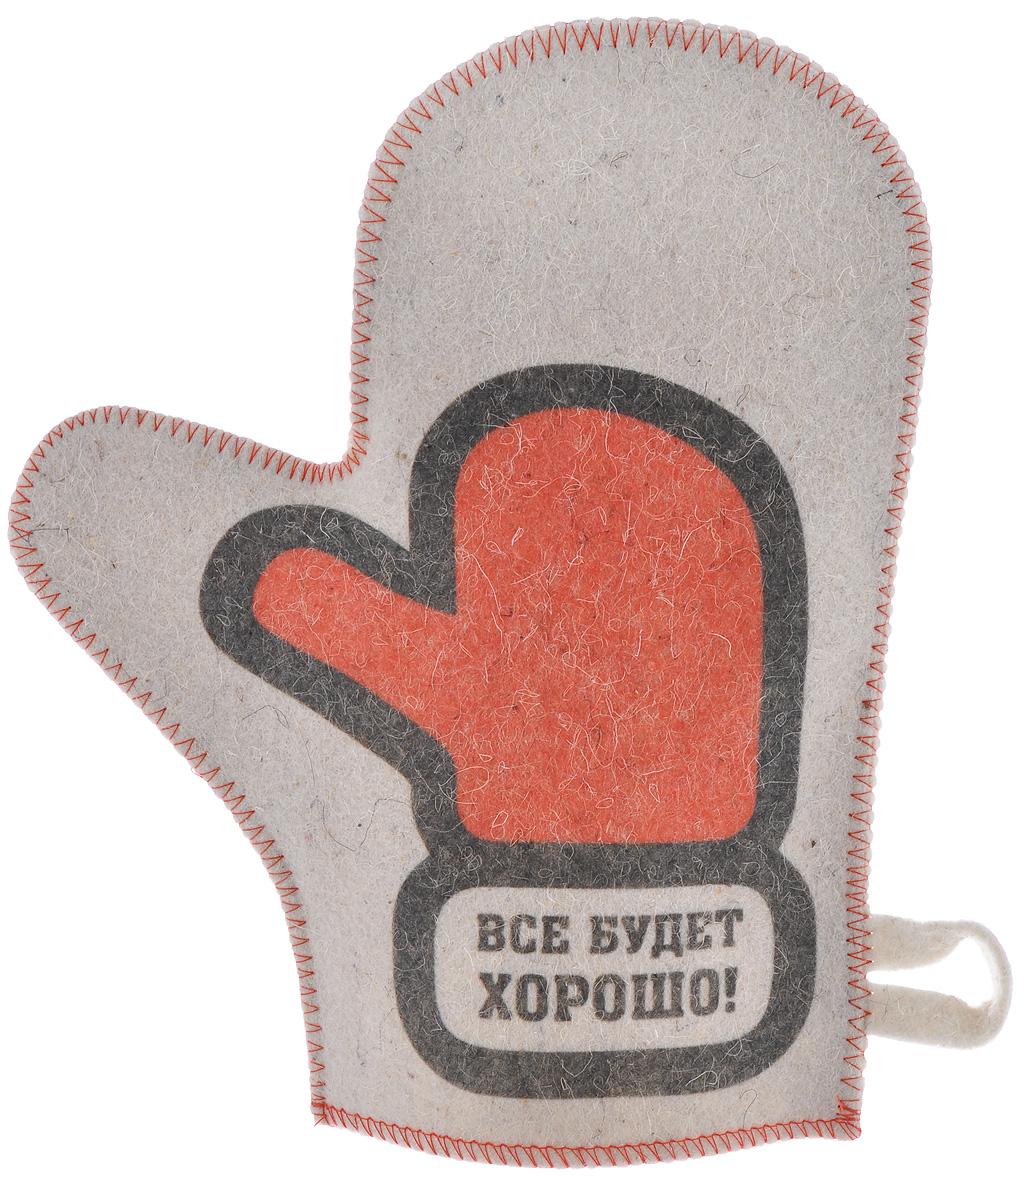 Рукавица для бани и сауны Главбаня Все будет хорошо!, цвет: белый, красный, черныйА3452Рукавица Главбаня Все будет хорошо!, изготовленная из войлока, - незаменимый банный атрибут. Изделие декорировано ярким рисунком и оснащено петелькой для подвешивания на крючок. Такая рукавица защищает руки от горячего пара, делает комфортным пребывание в парной. Также ею можно прекрасно промассировать тело. Размер: 28 см х 22,5 см. Материал: войлок (50% шерсть, 50% полиэфир).